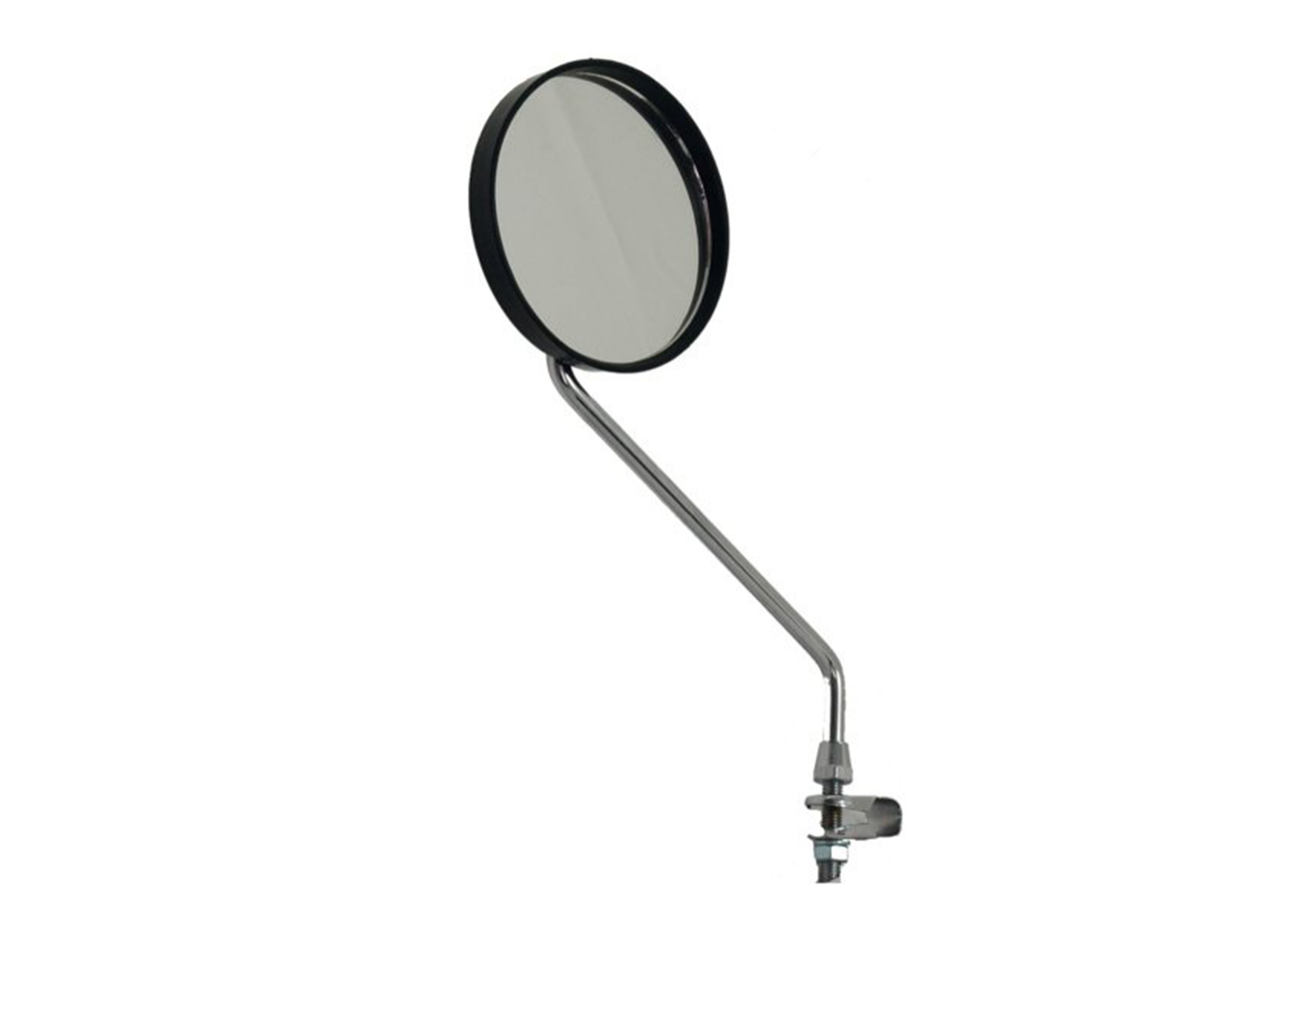 Cordo spiegel groot 11 cm